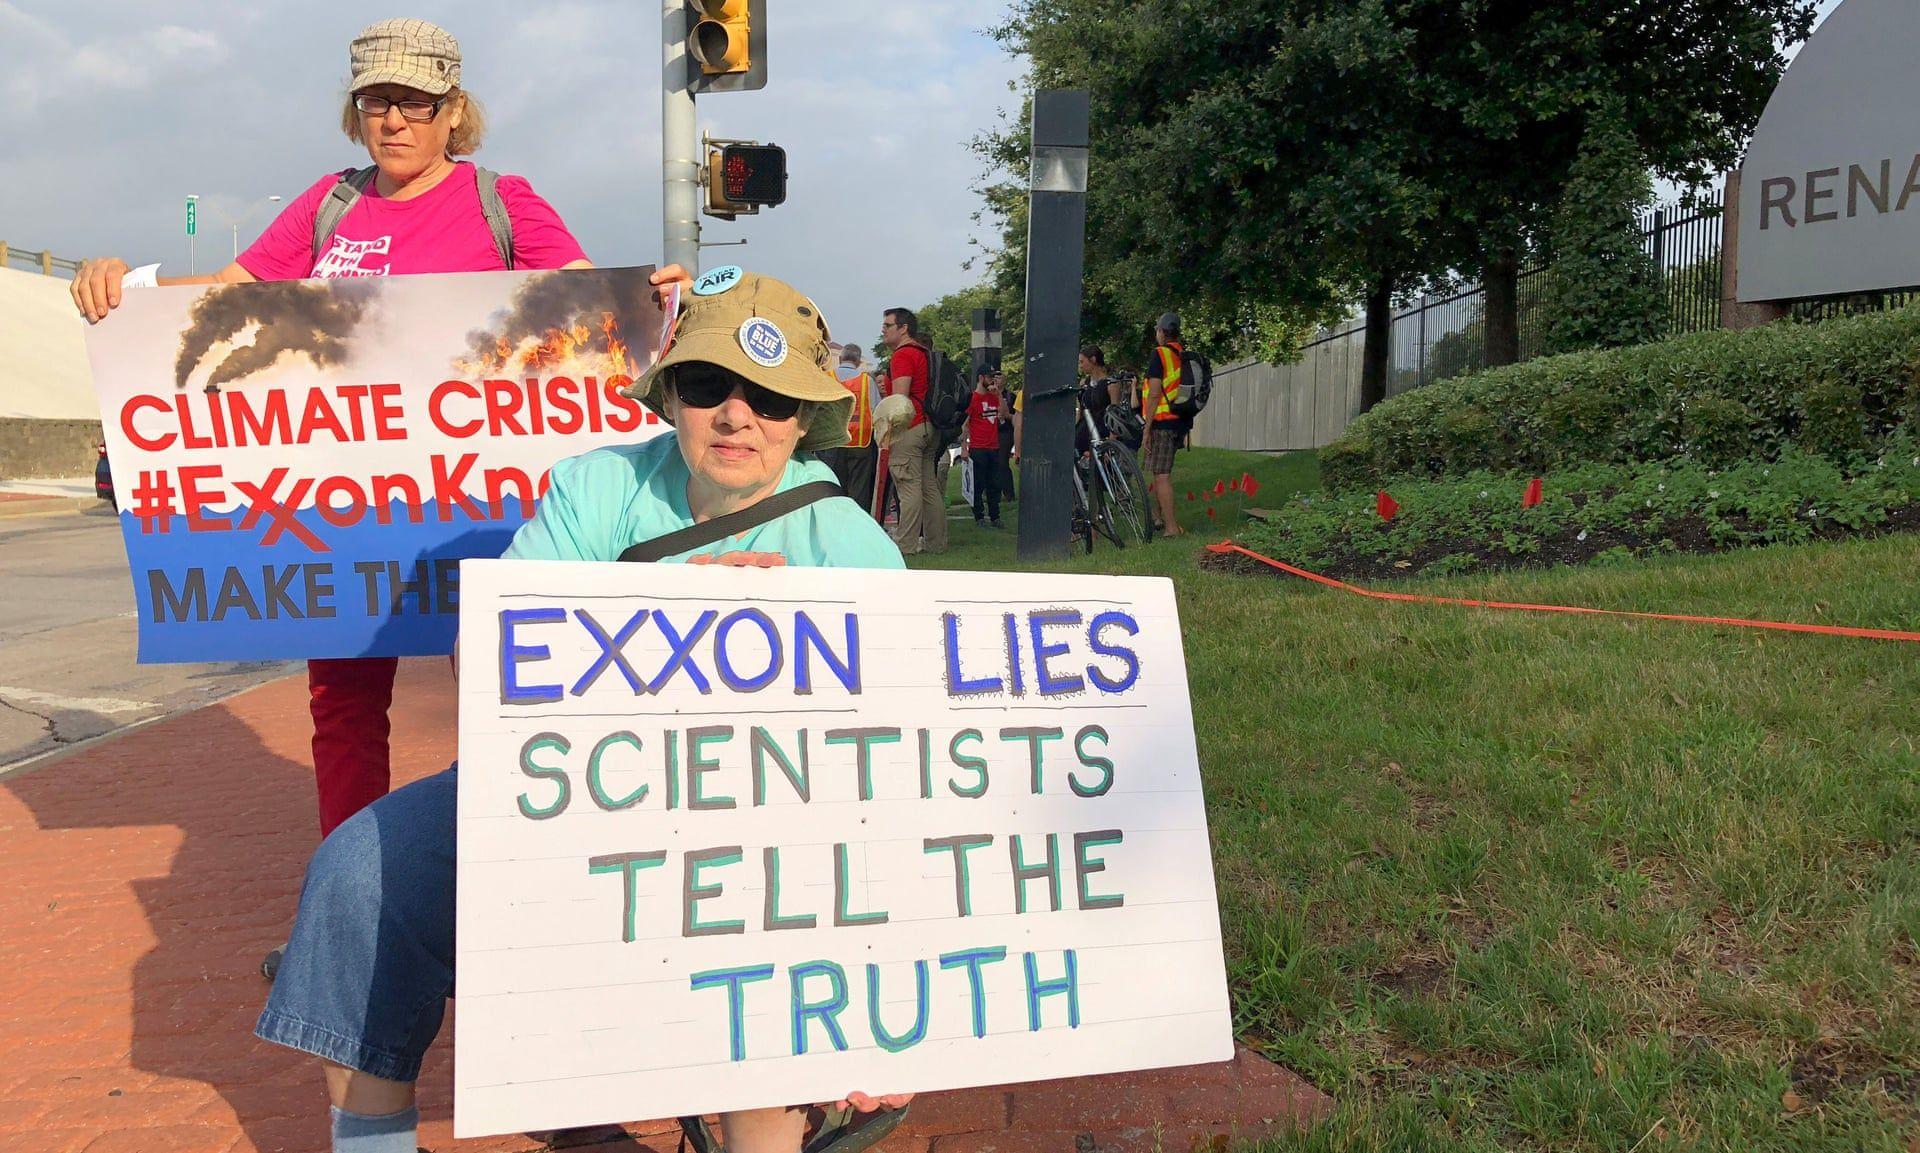 frases sobre cambio climatico - exxon